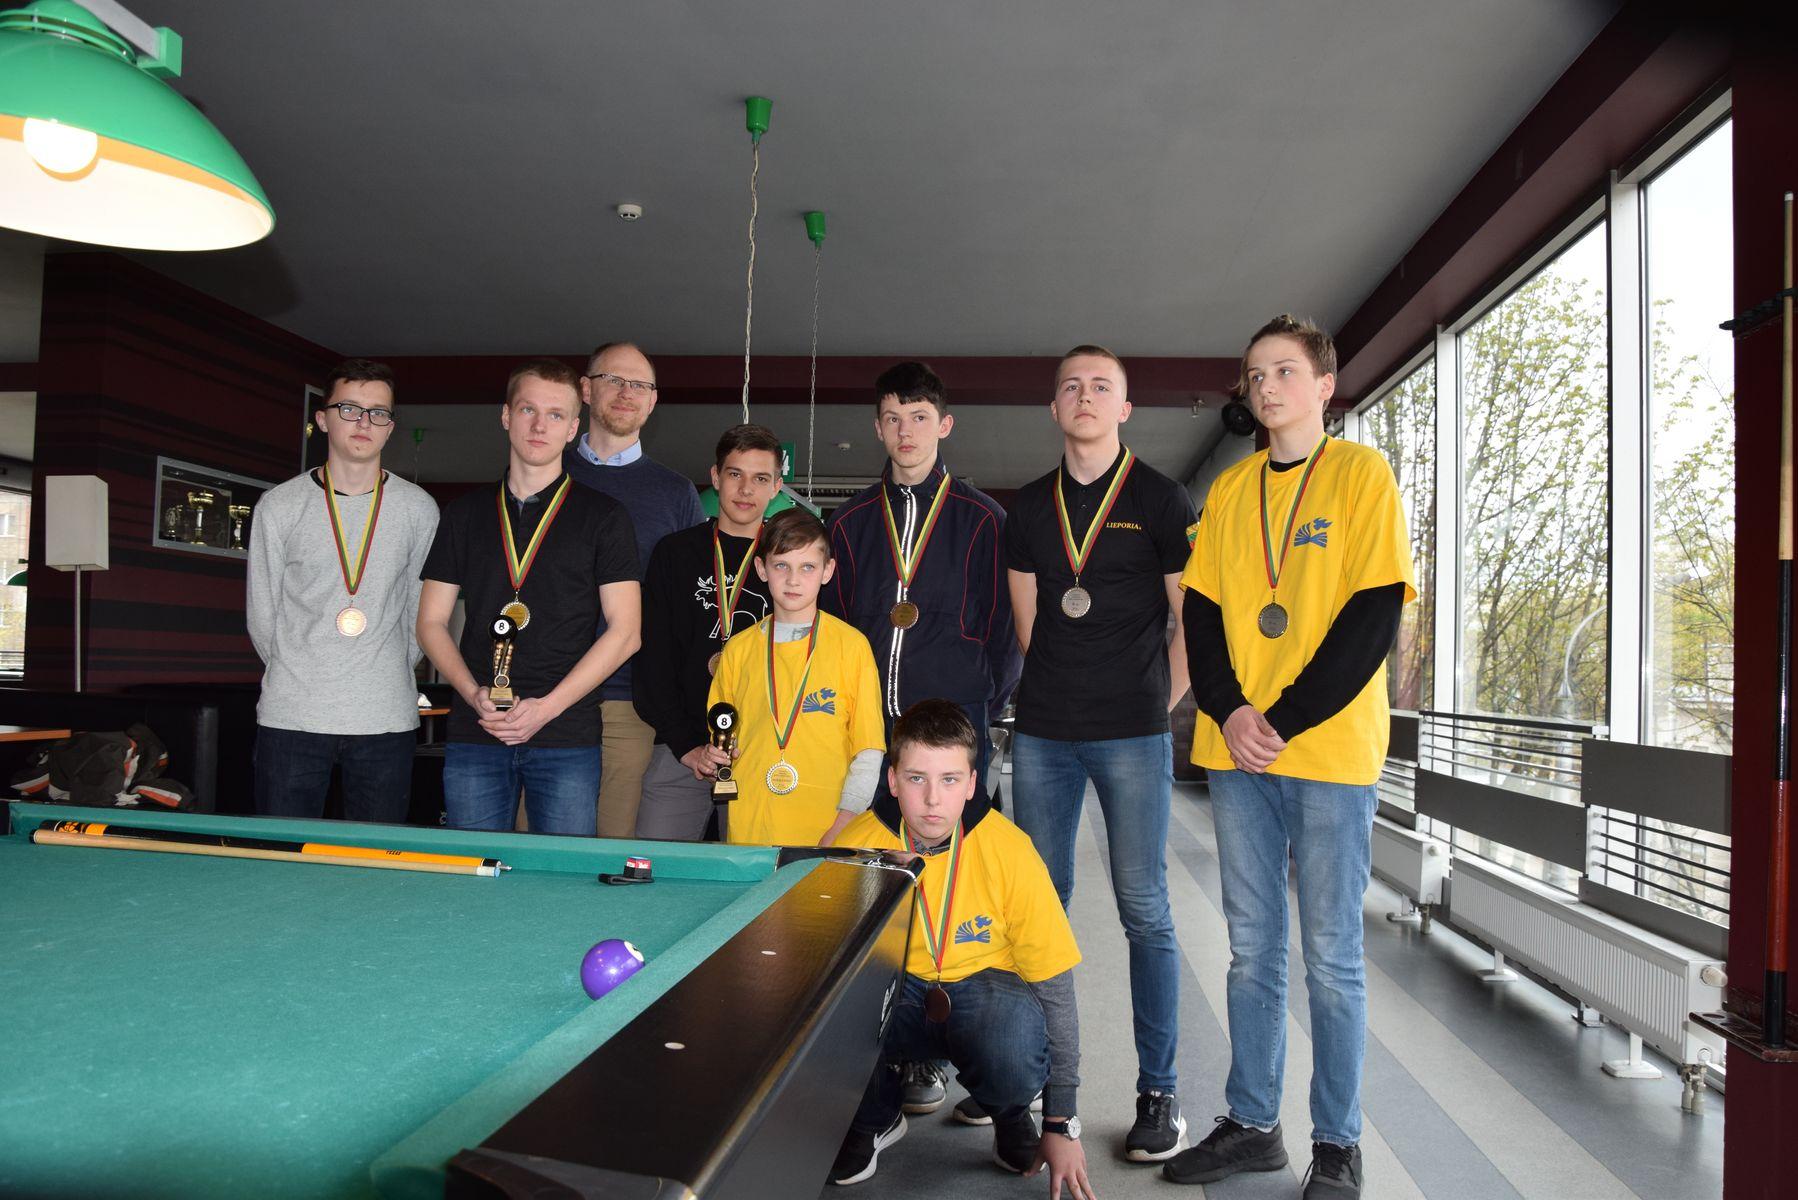 Neringos gimnazijos mokiniai dalyvavo 4-jame Lietuvos mokyklų pulo čempionate Kaune